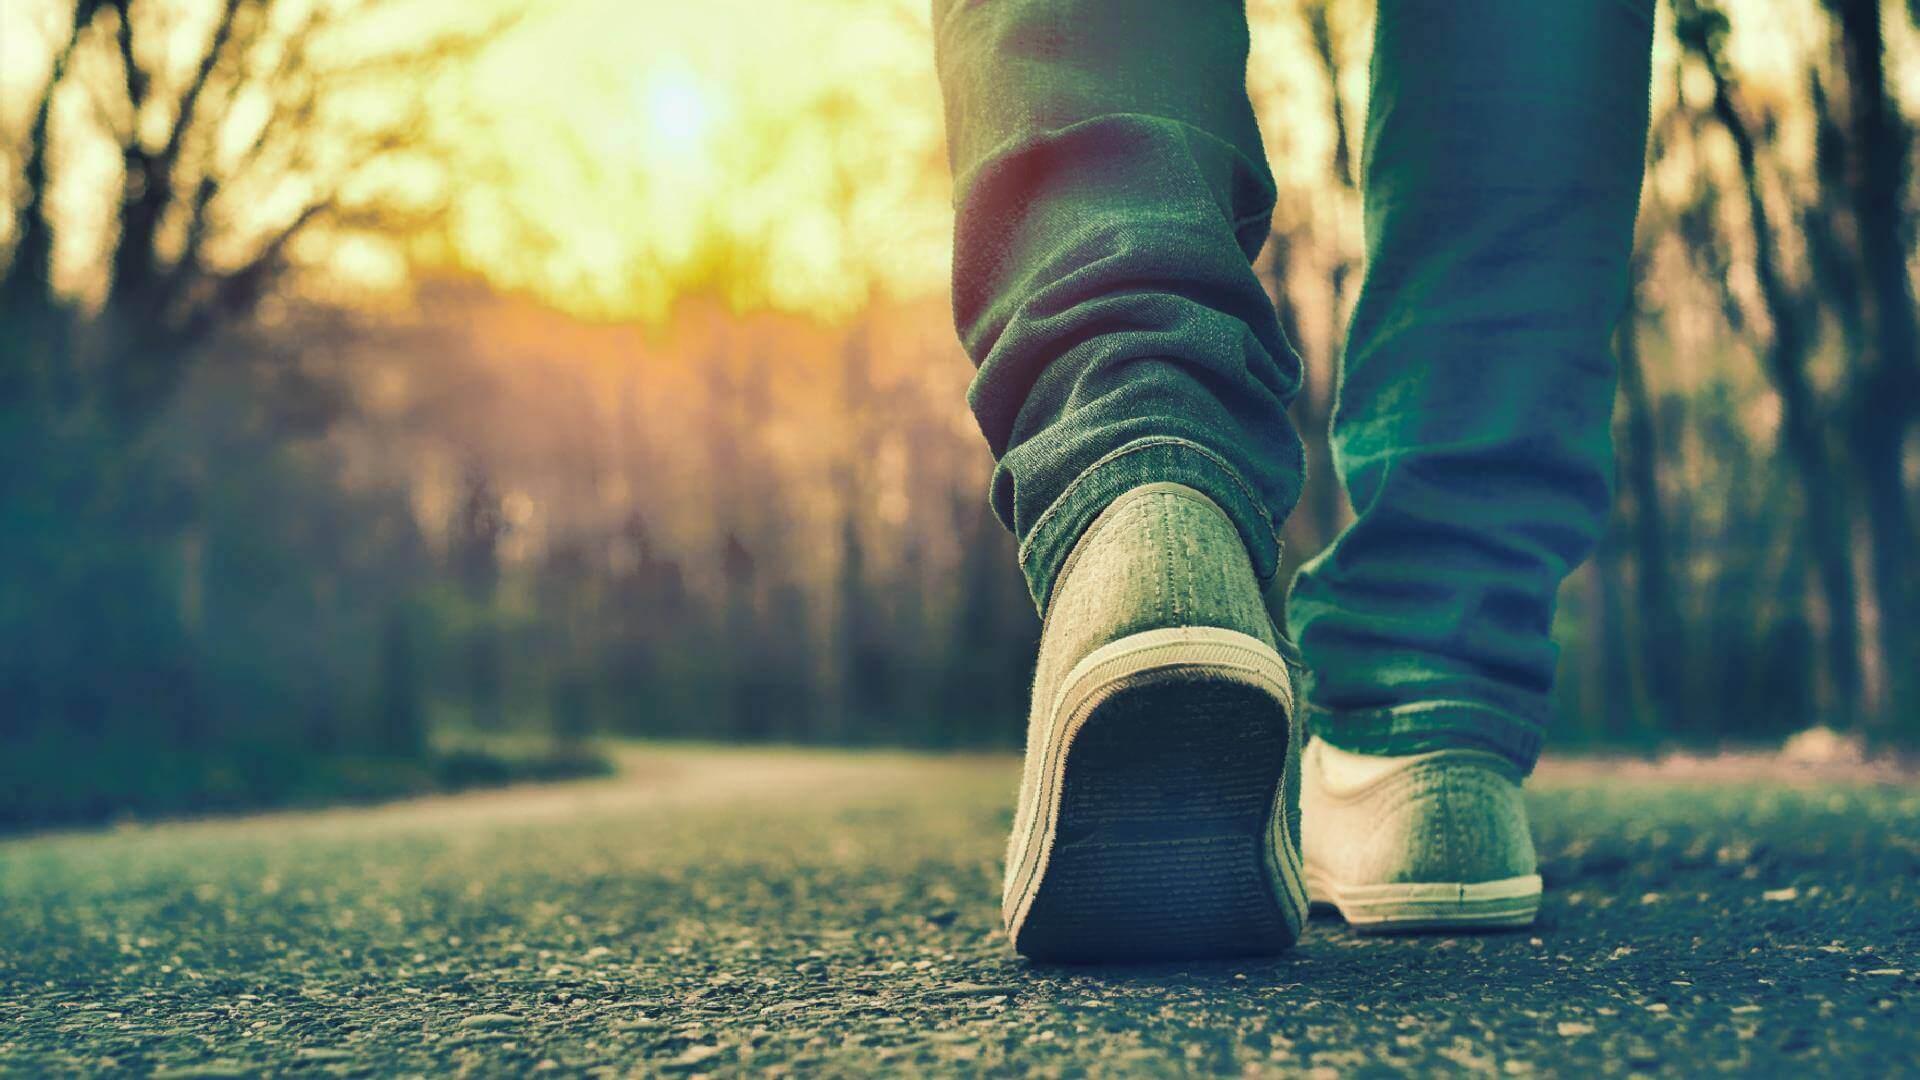 歩いている足